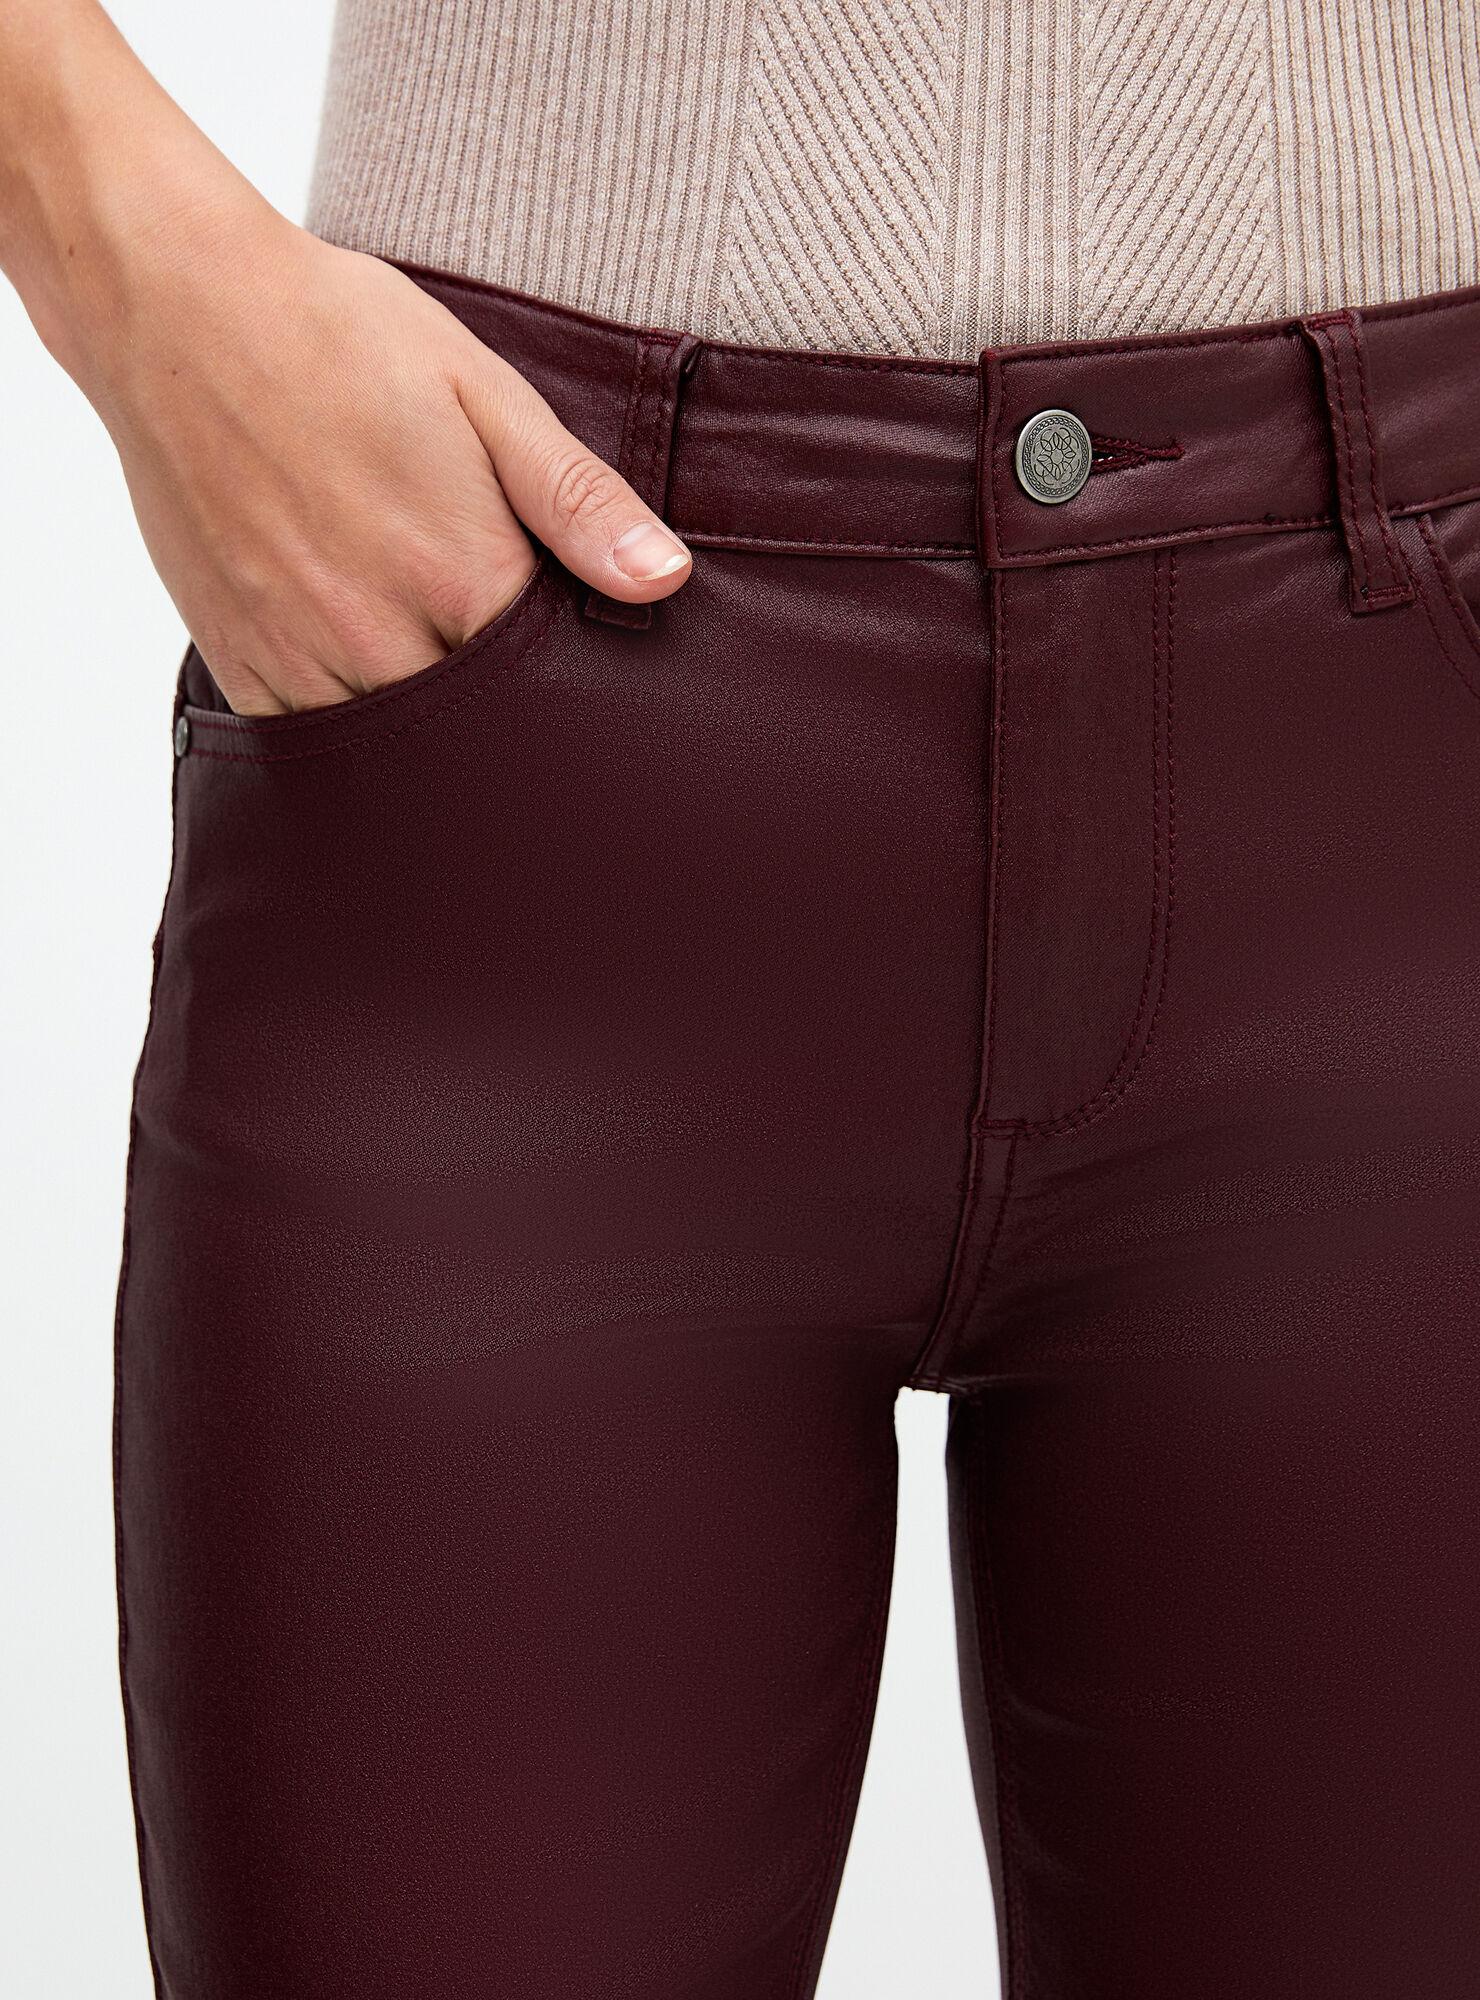 Jeans Push Up Engomado Evoque Jeans Y Pantalones Paris Cl